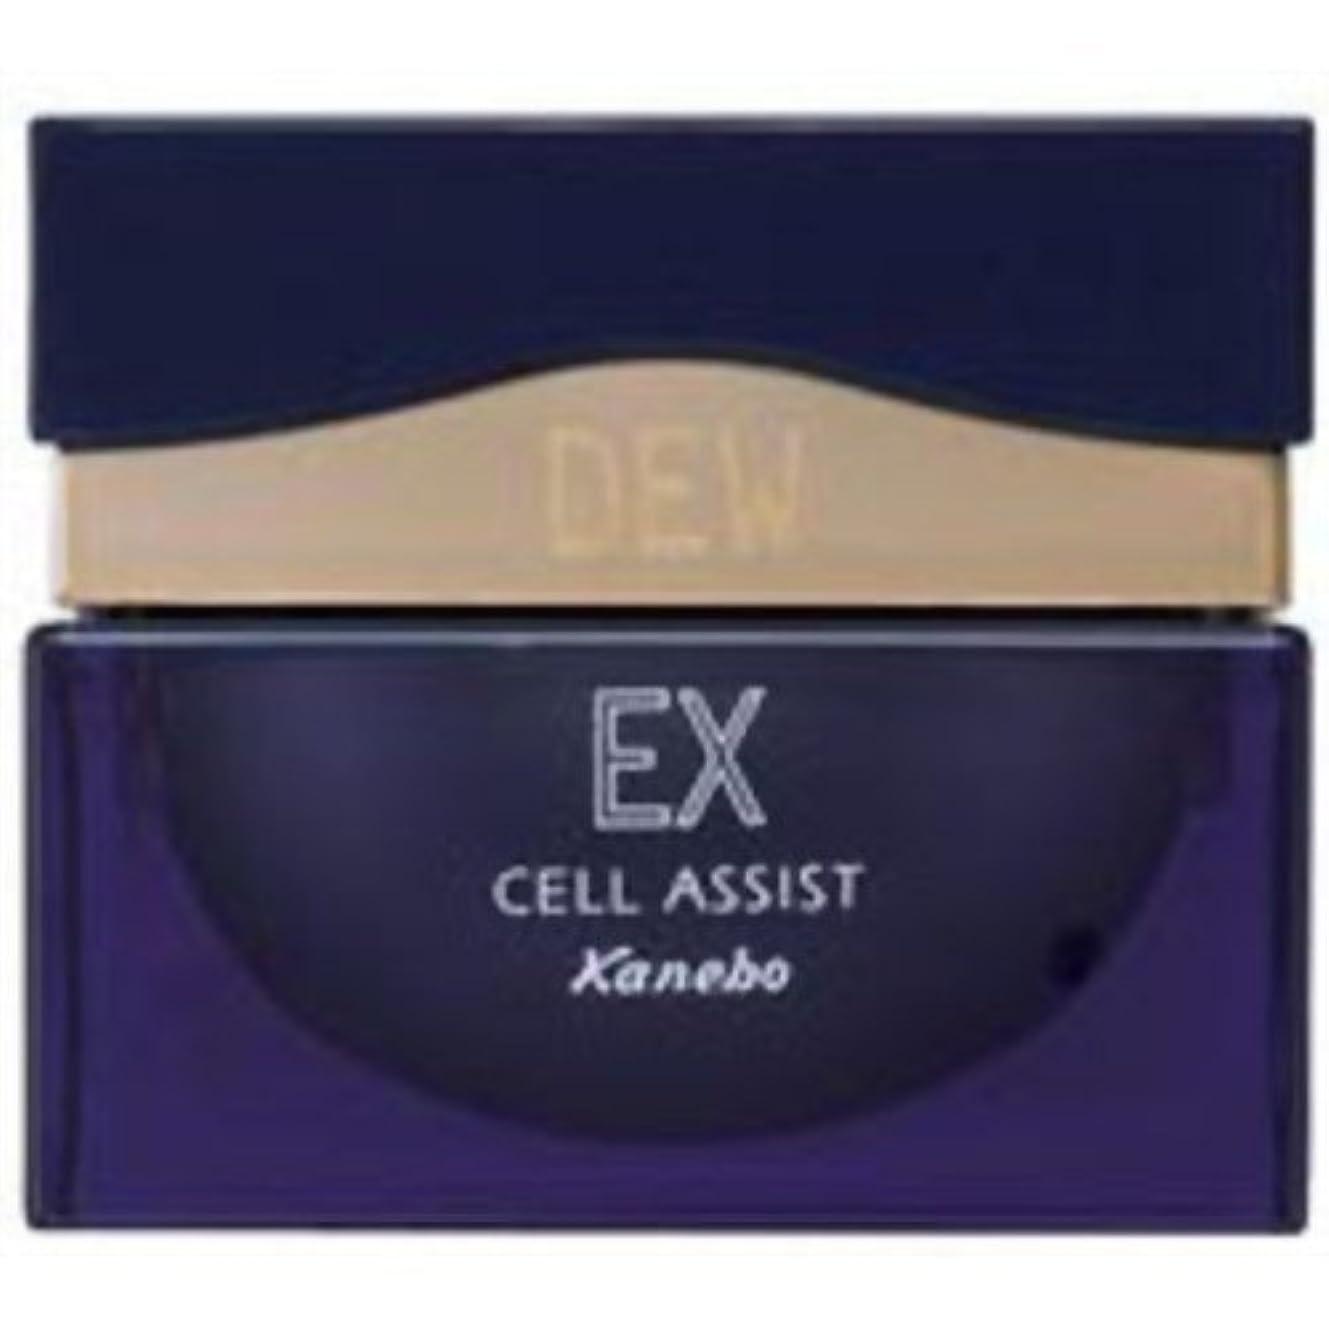 素晴らしい更新する性別カネボウ DEW EXセルアシスト 30g